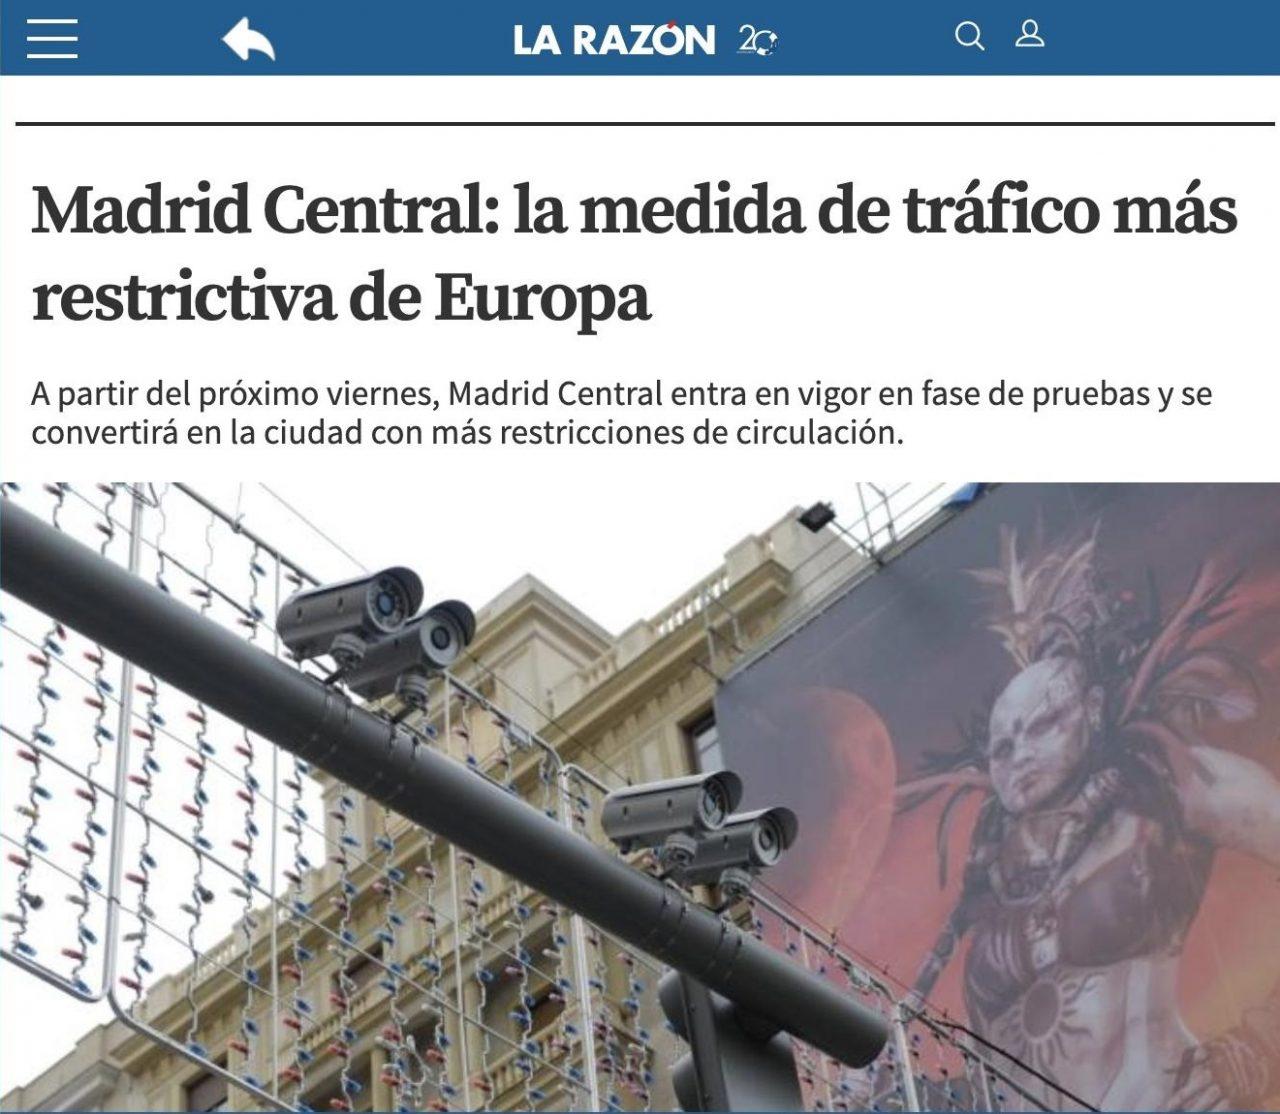 """La Razón cuando la izquierda pone en marcha Madrid Central vs La Razón cuando gana la derecha """"se da cuenta"""" de que quitar Madrid Central supone multas millonarias de la UE"""